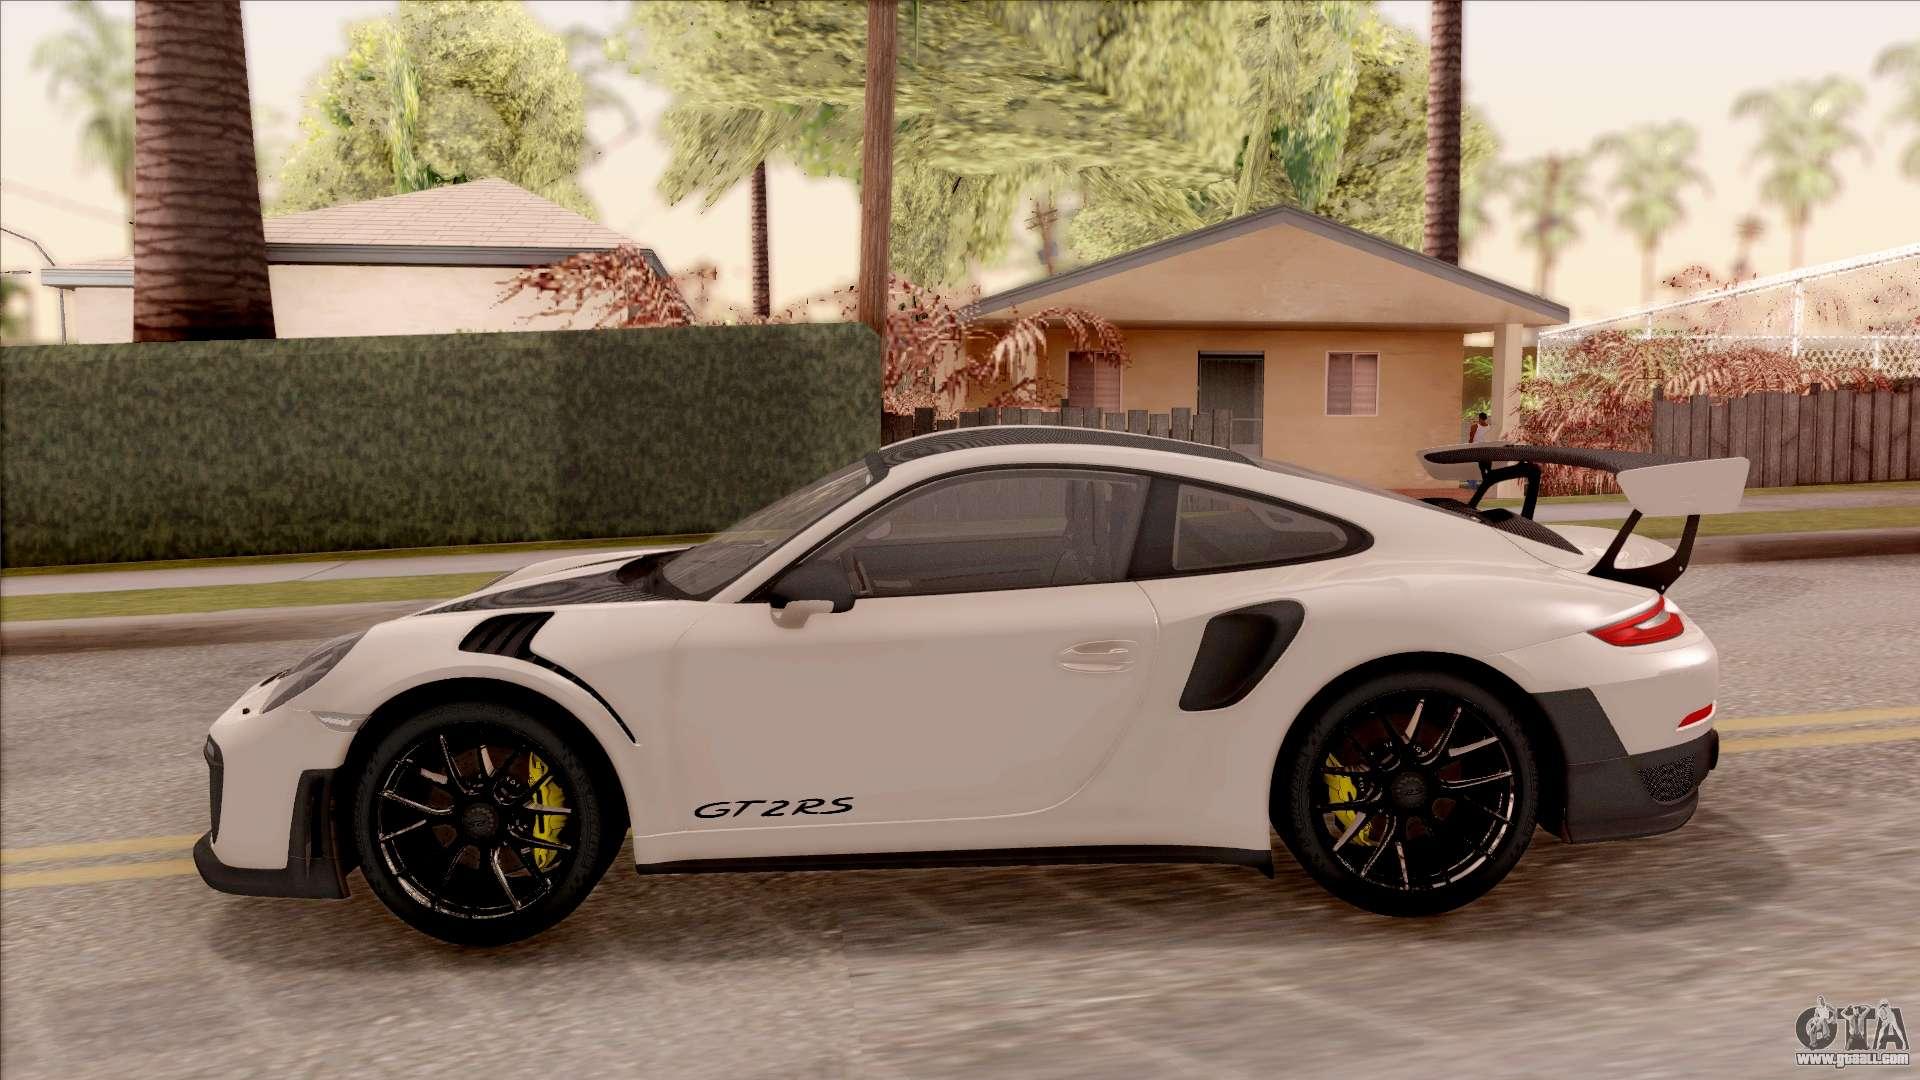 418334-enb2017-7-10-5-25-57 Wonderful Porsche 911 Gt2 Rs Review Cars Trend